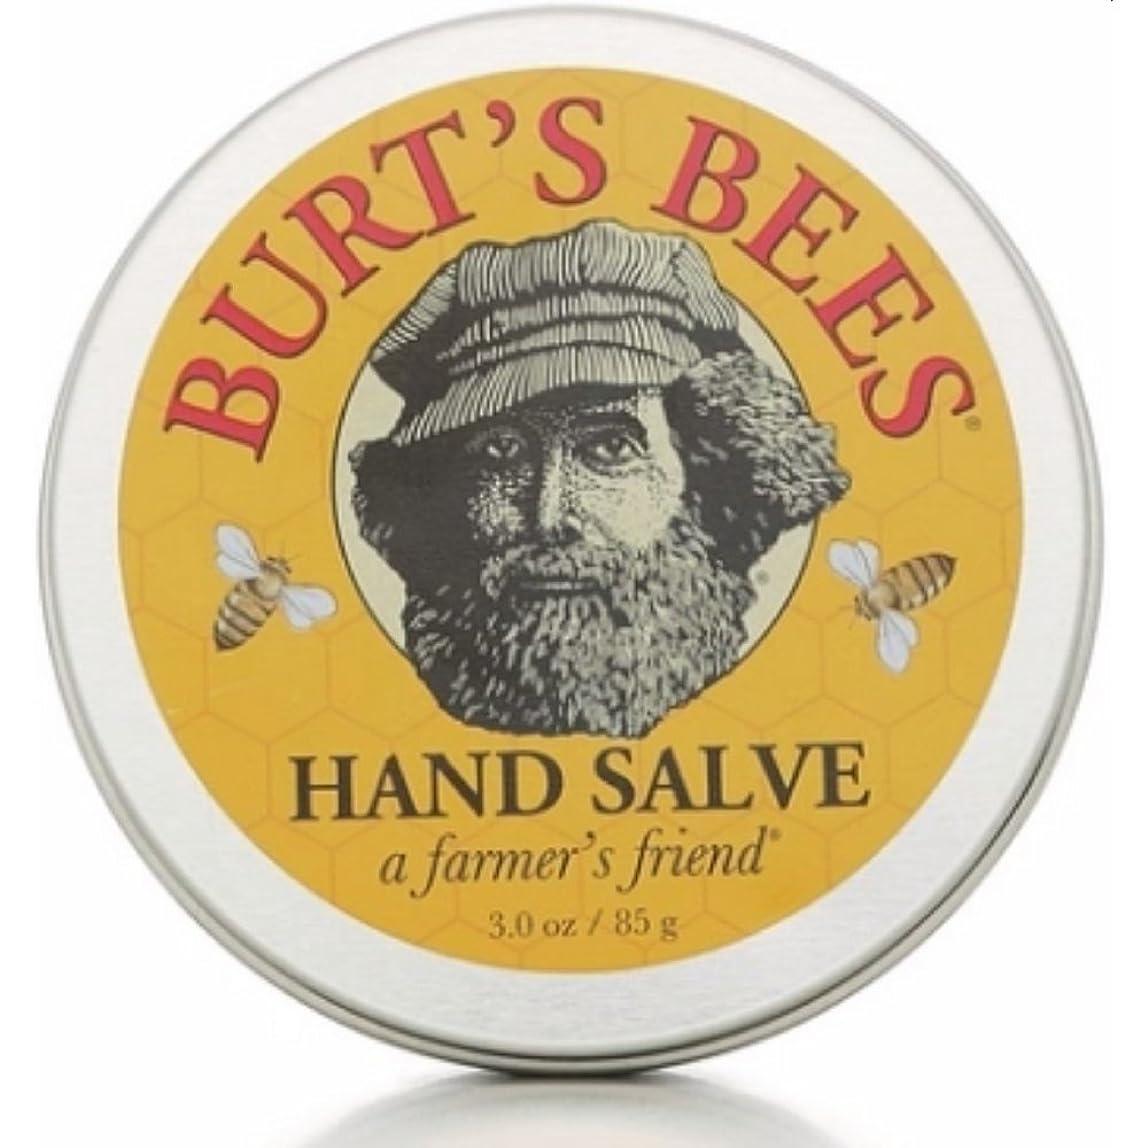 バタフライ病な送るバーツビーズ Burts Bees ハンドサルブ 85g 【並行輸入品】